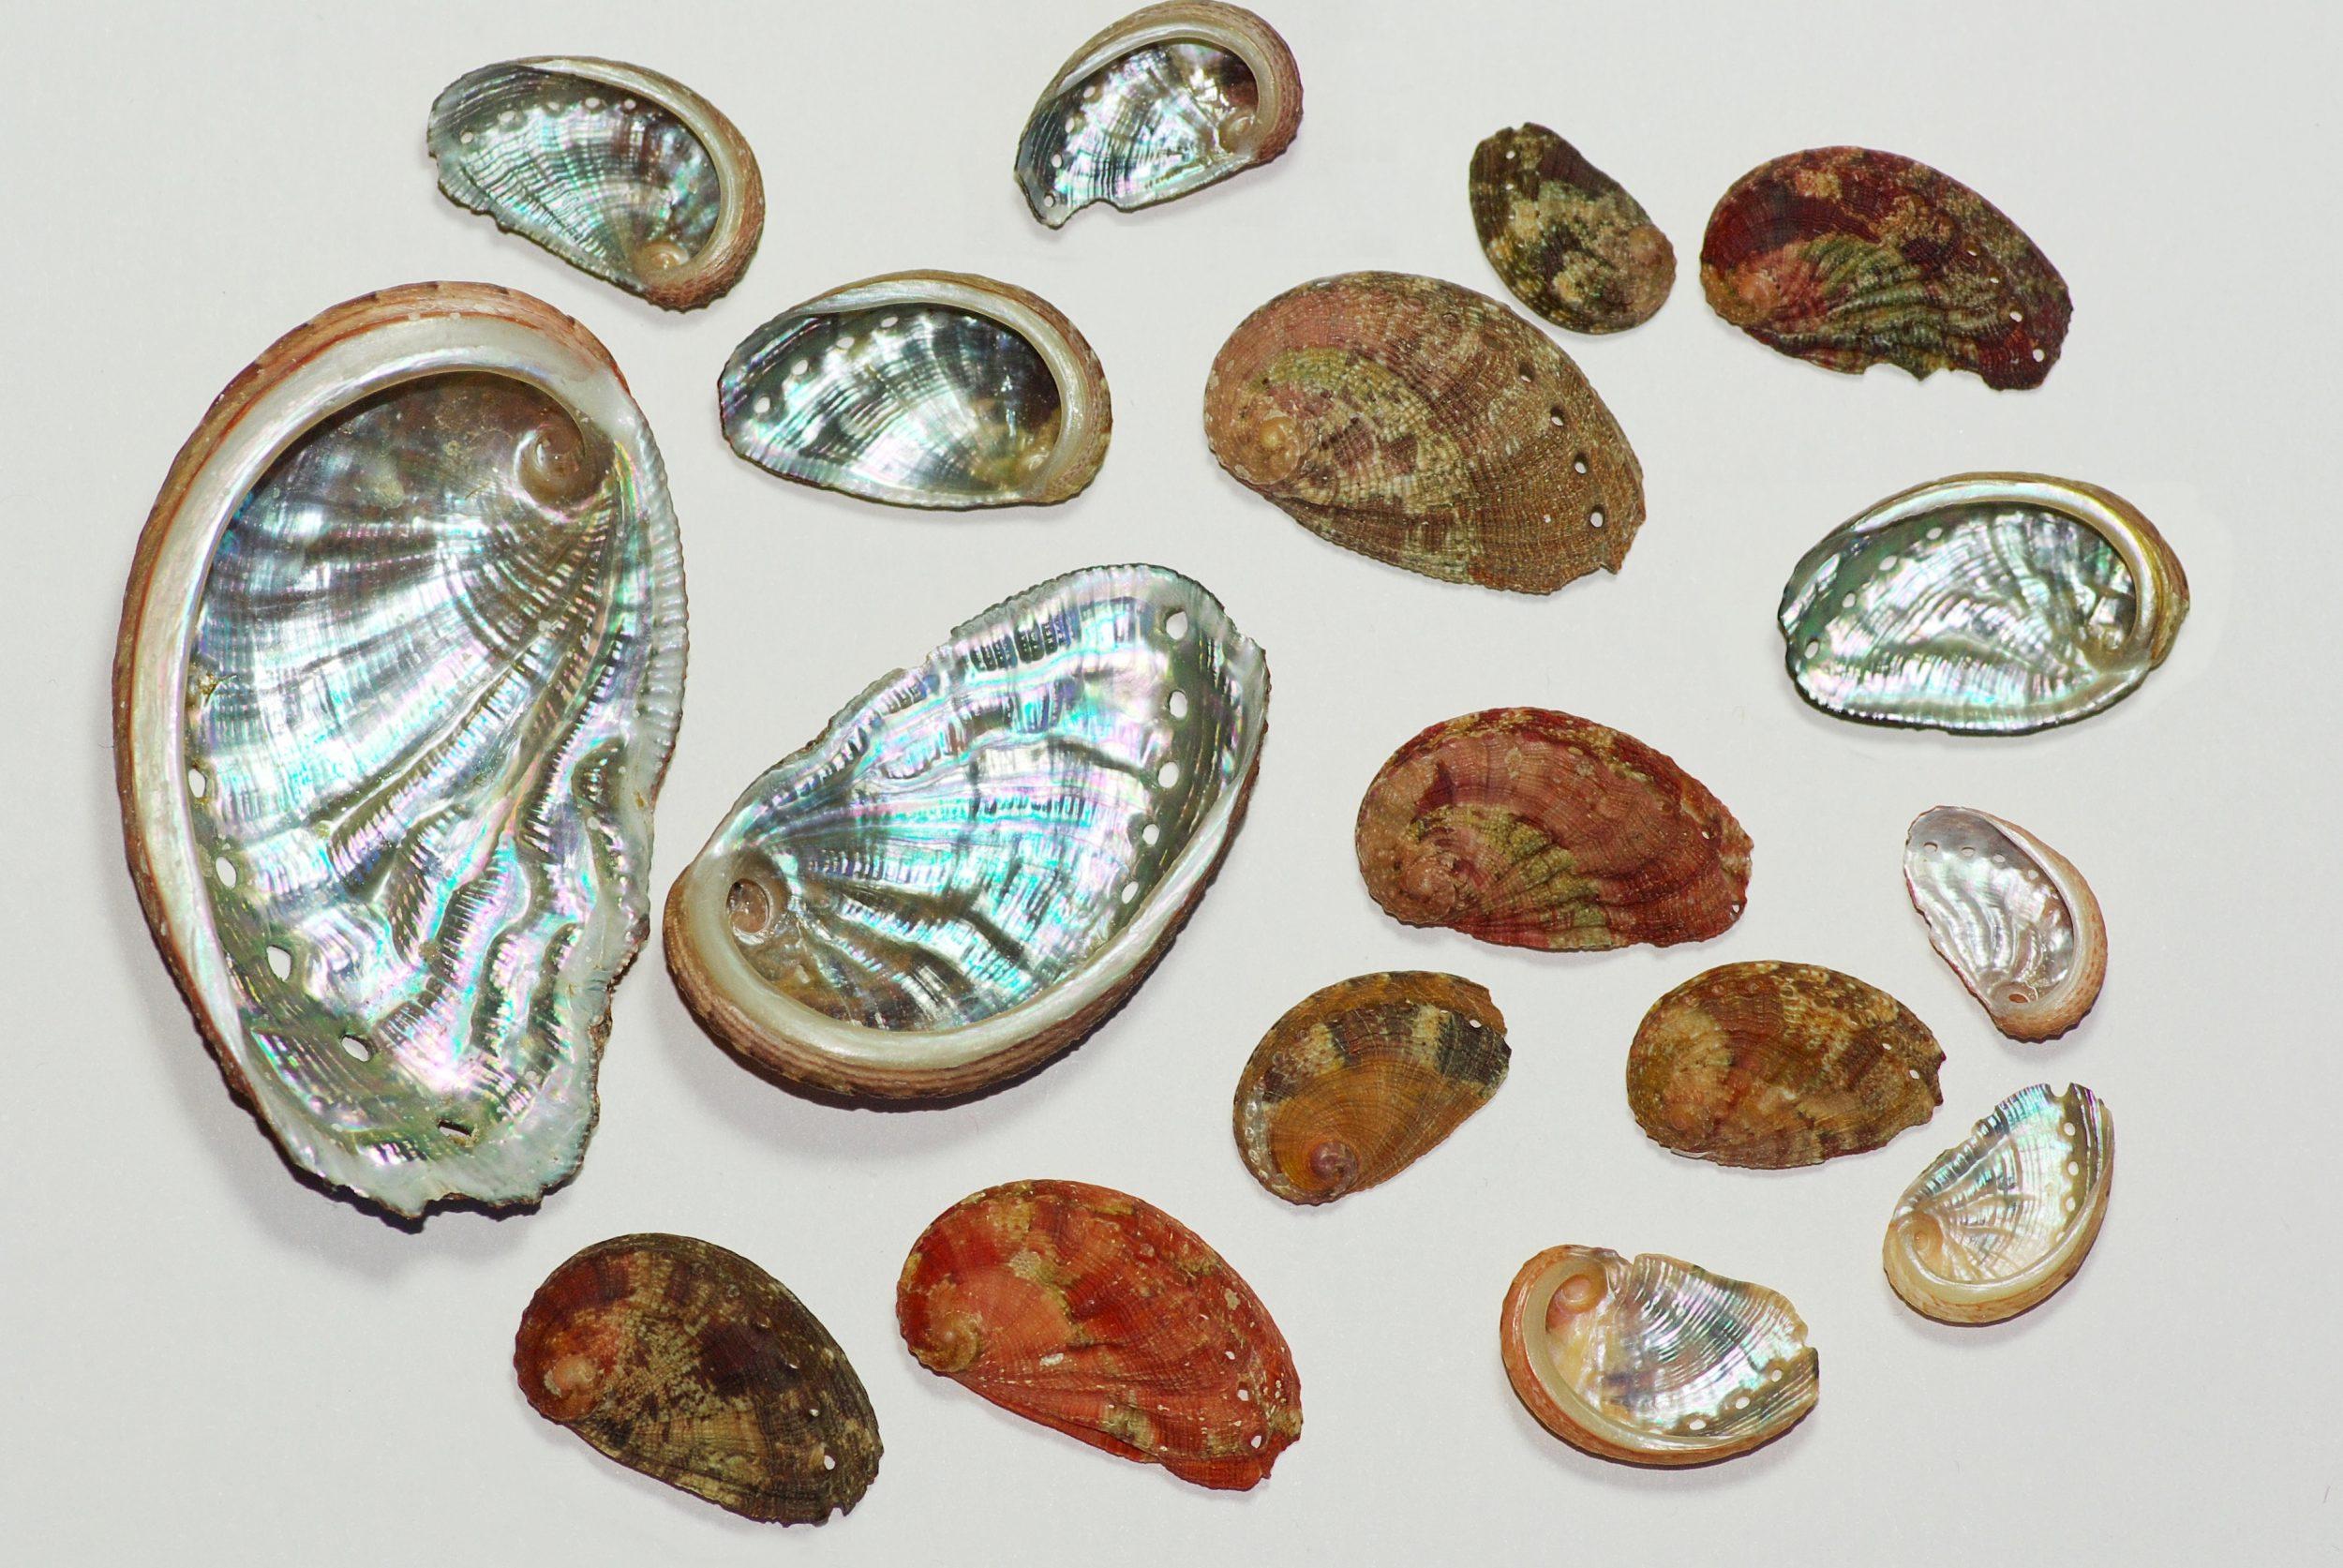 ormeaux de différentes tailles et couleurs, côté nacre brillante et côté coquille de plusieurs couleurs à dominante marron et roux